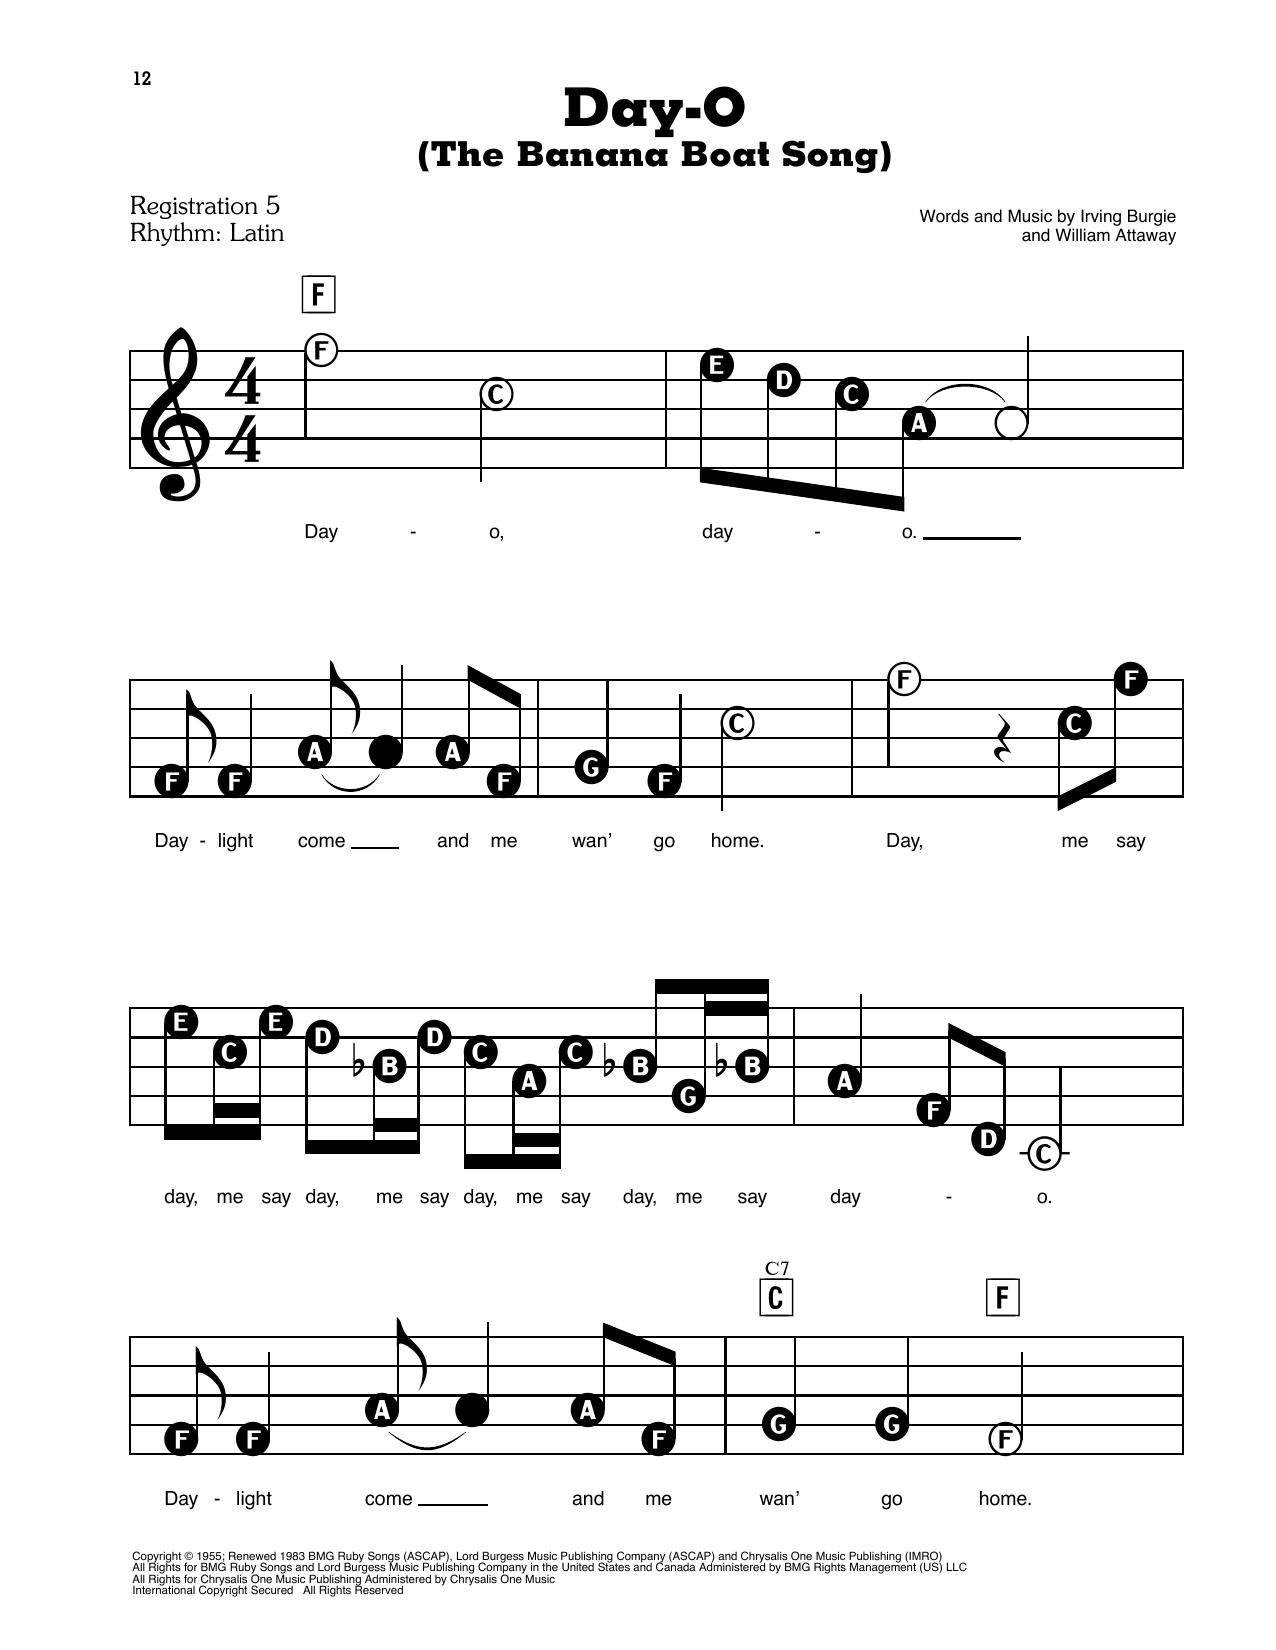 Day-O (The Banana Boat Song) Sheet Music